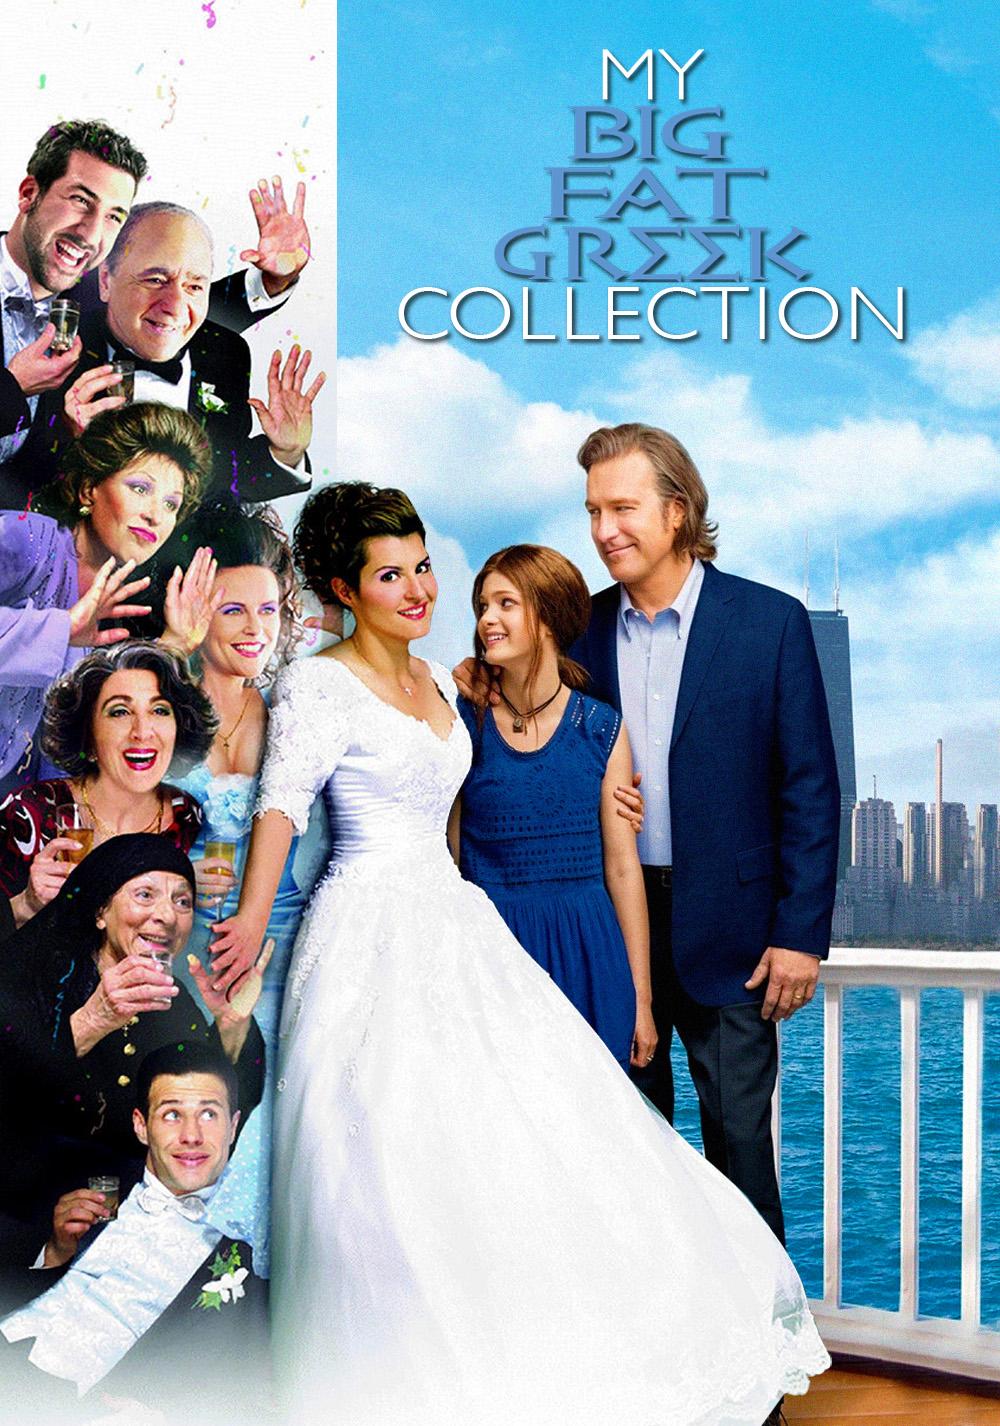 My Fat Greek Wedding 2 2018 R1 Blu Ray Cover 0